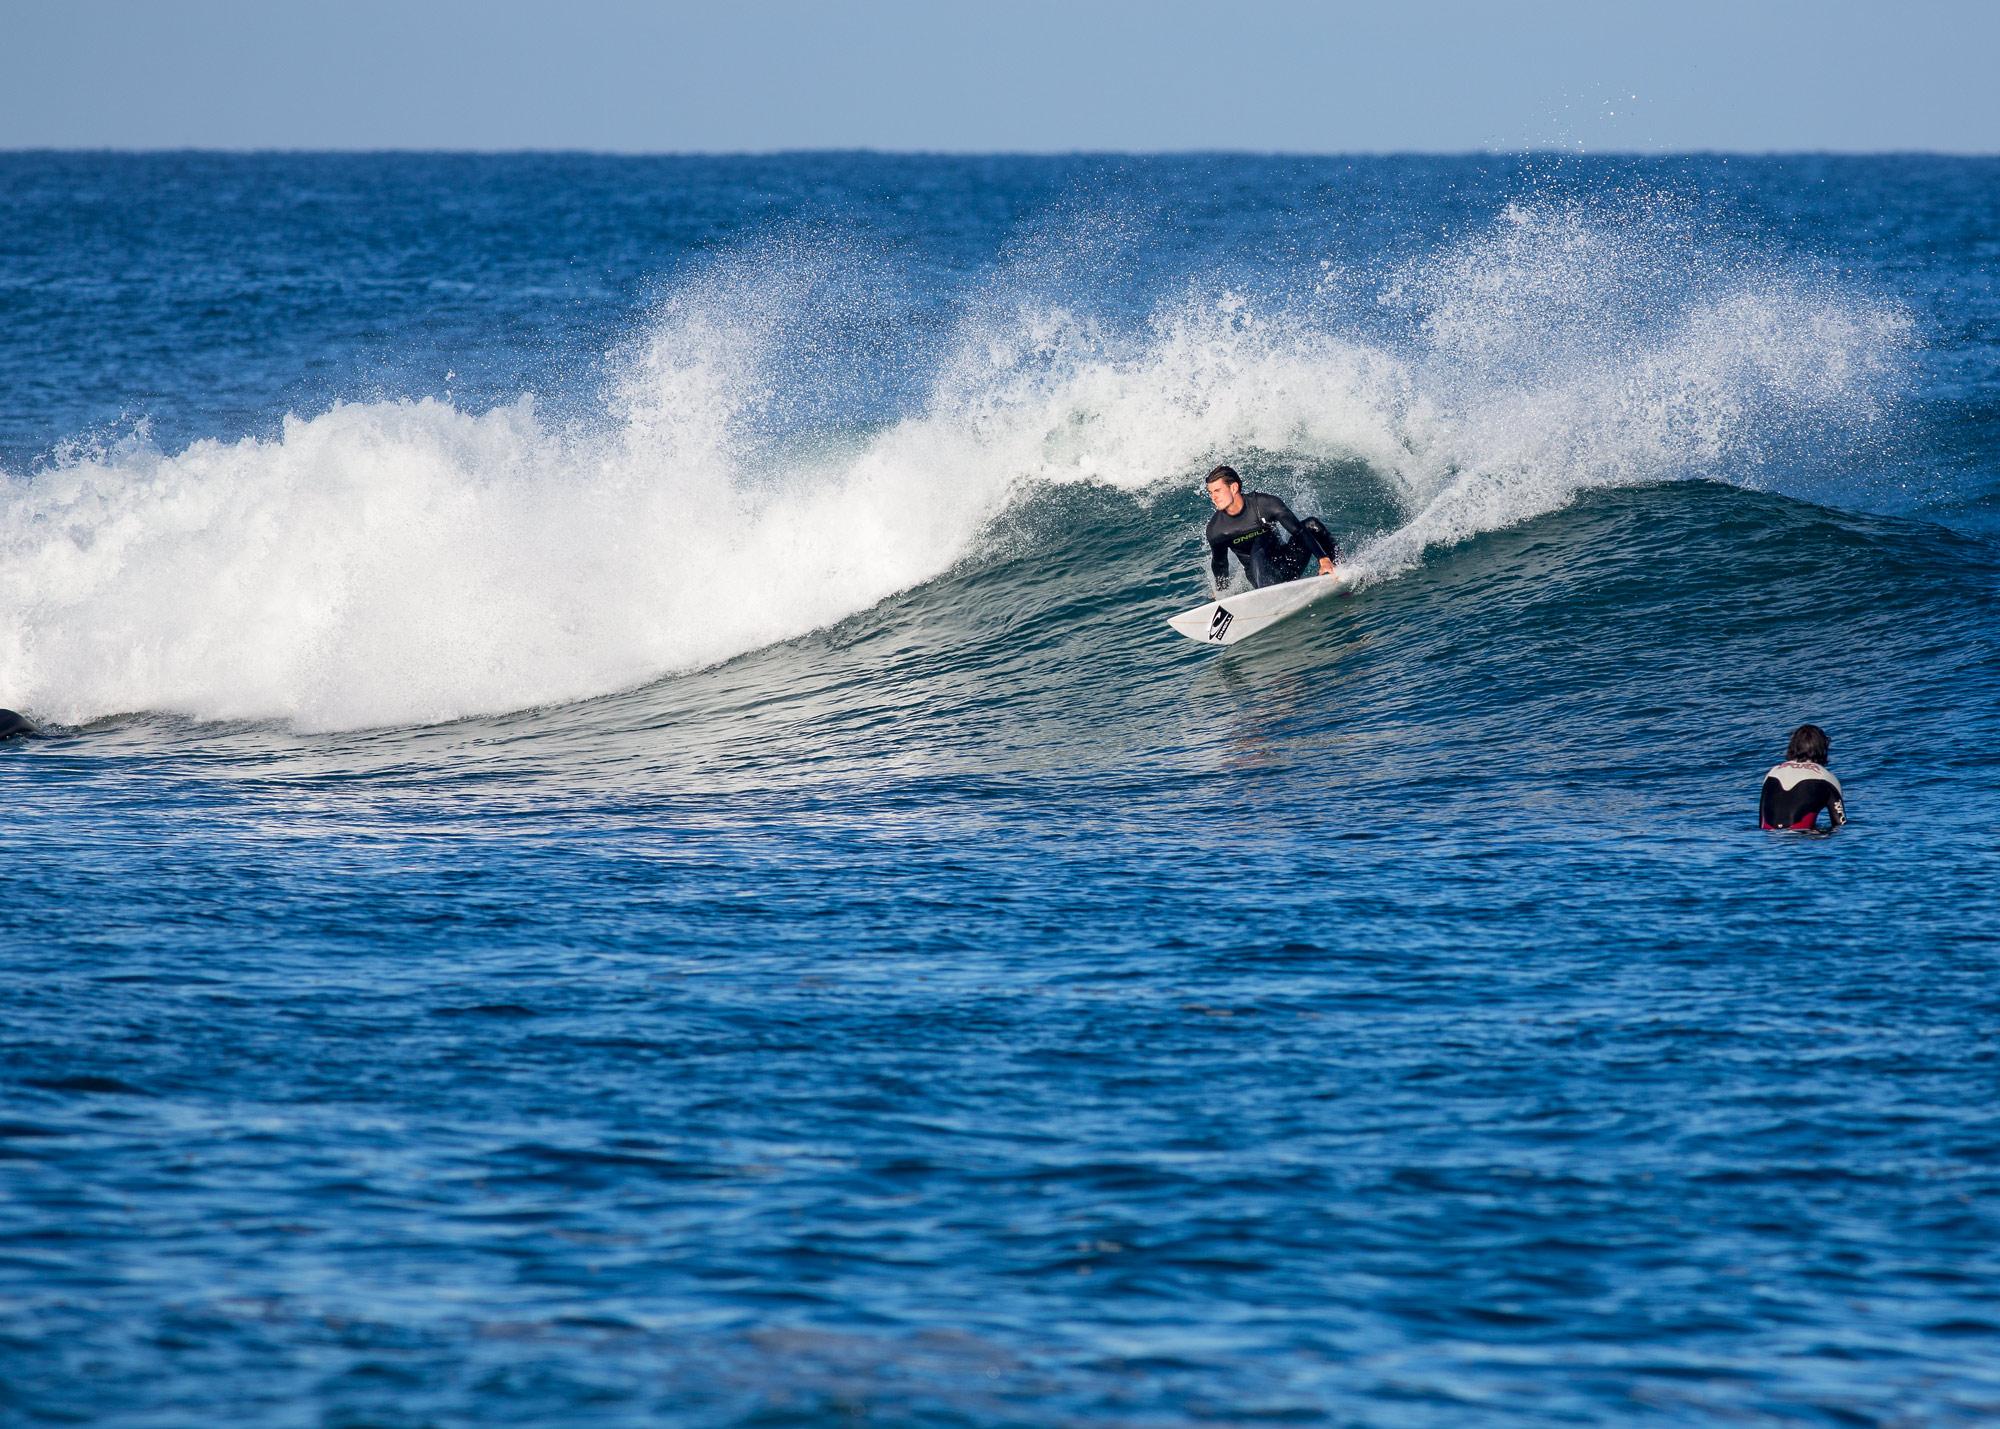 Marc Piwko ist Titelverteidiger und macht schon seit mehreren Wochen die Beachbreaks an der französischen Atlantikküste unsicher. Foto: Patrick Steiner